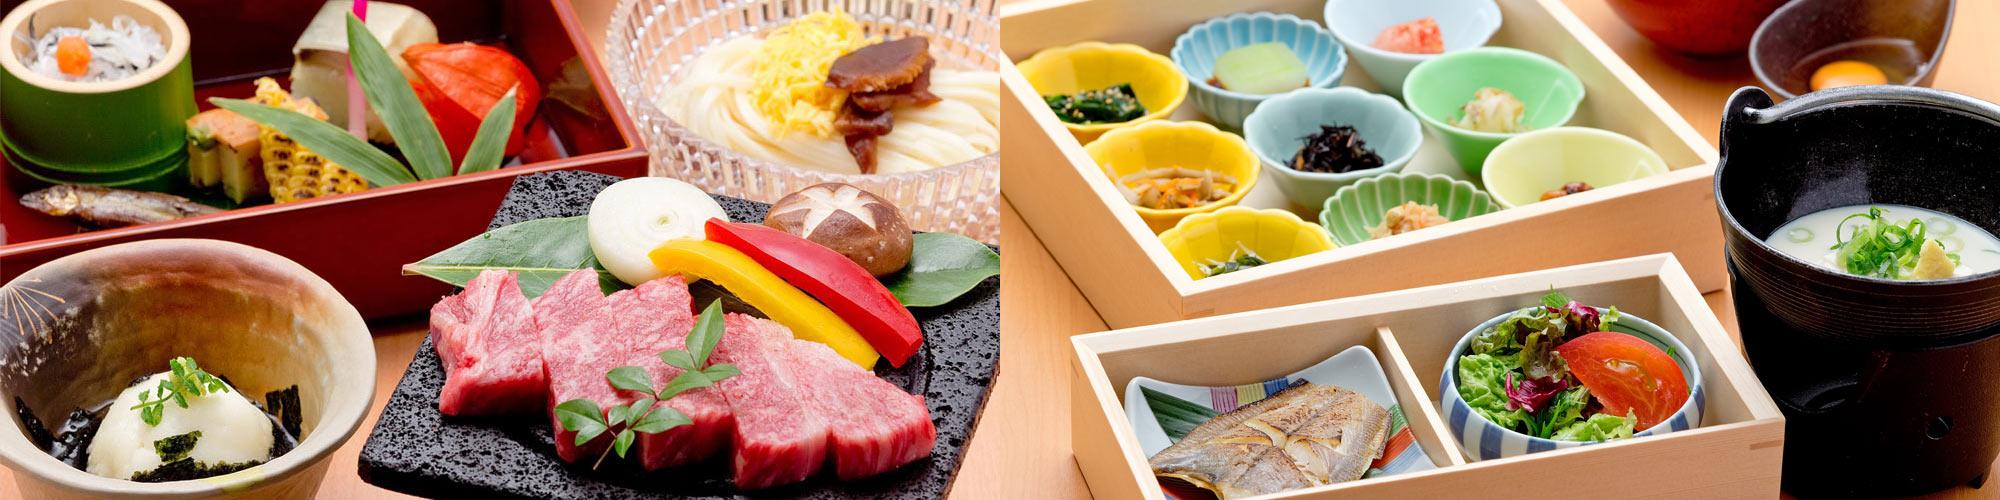 page-title-wrap-bg-meals1